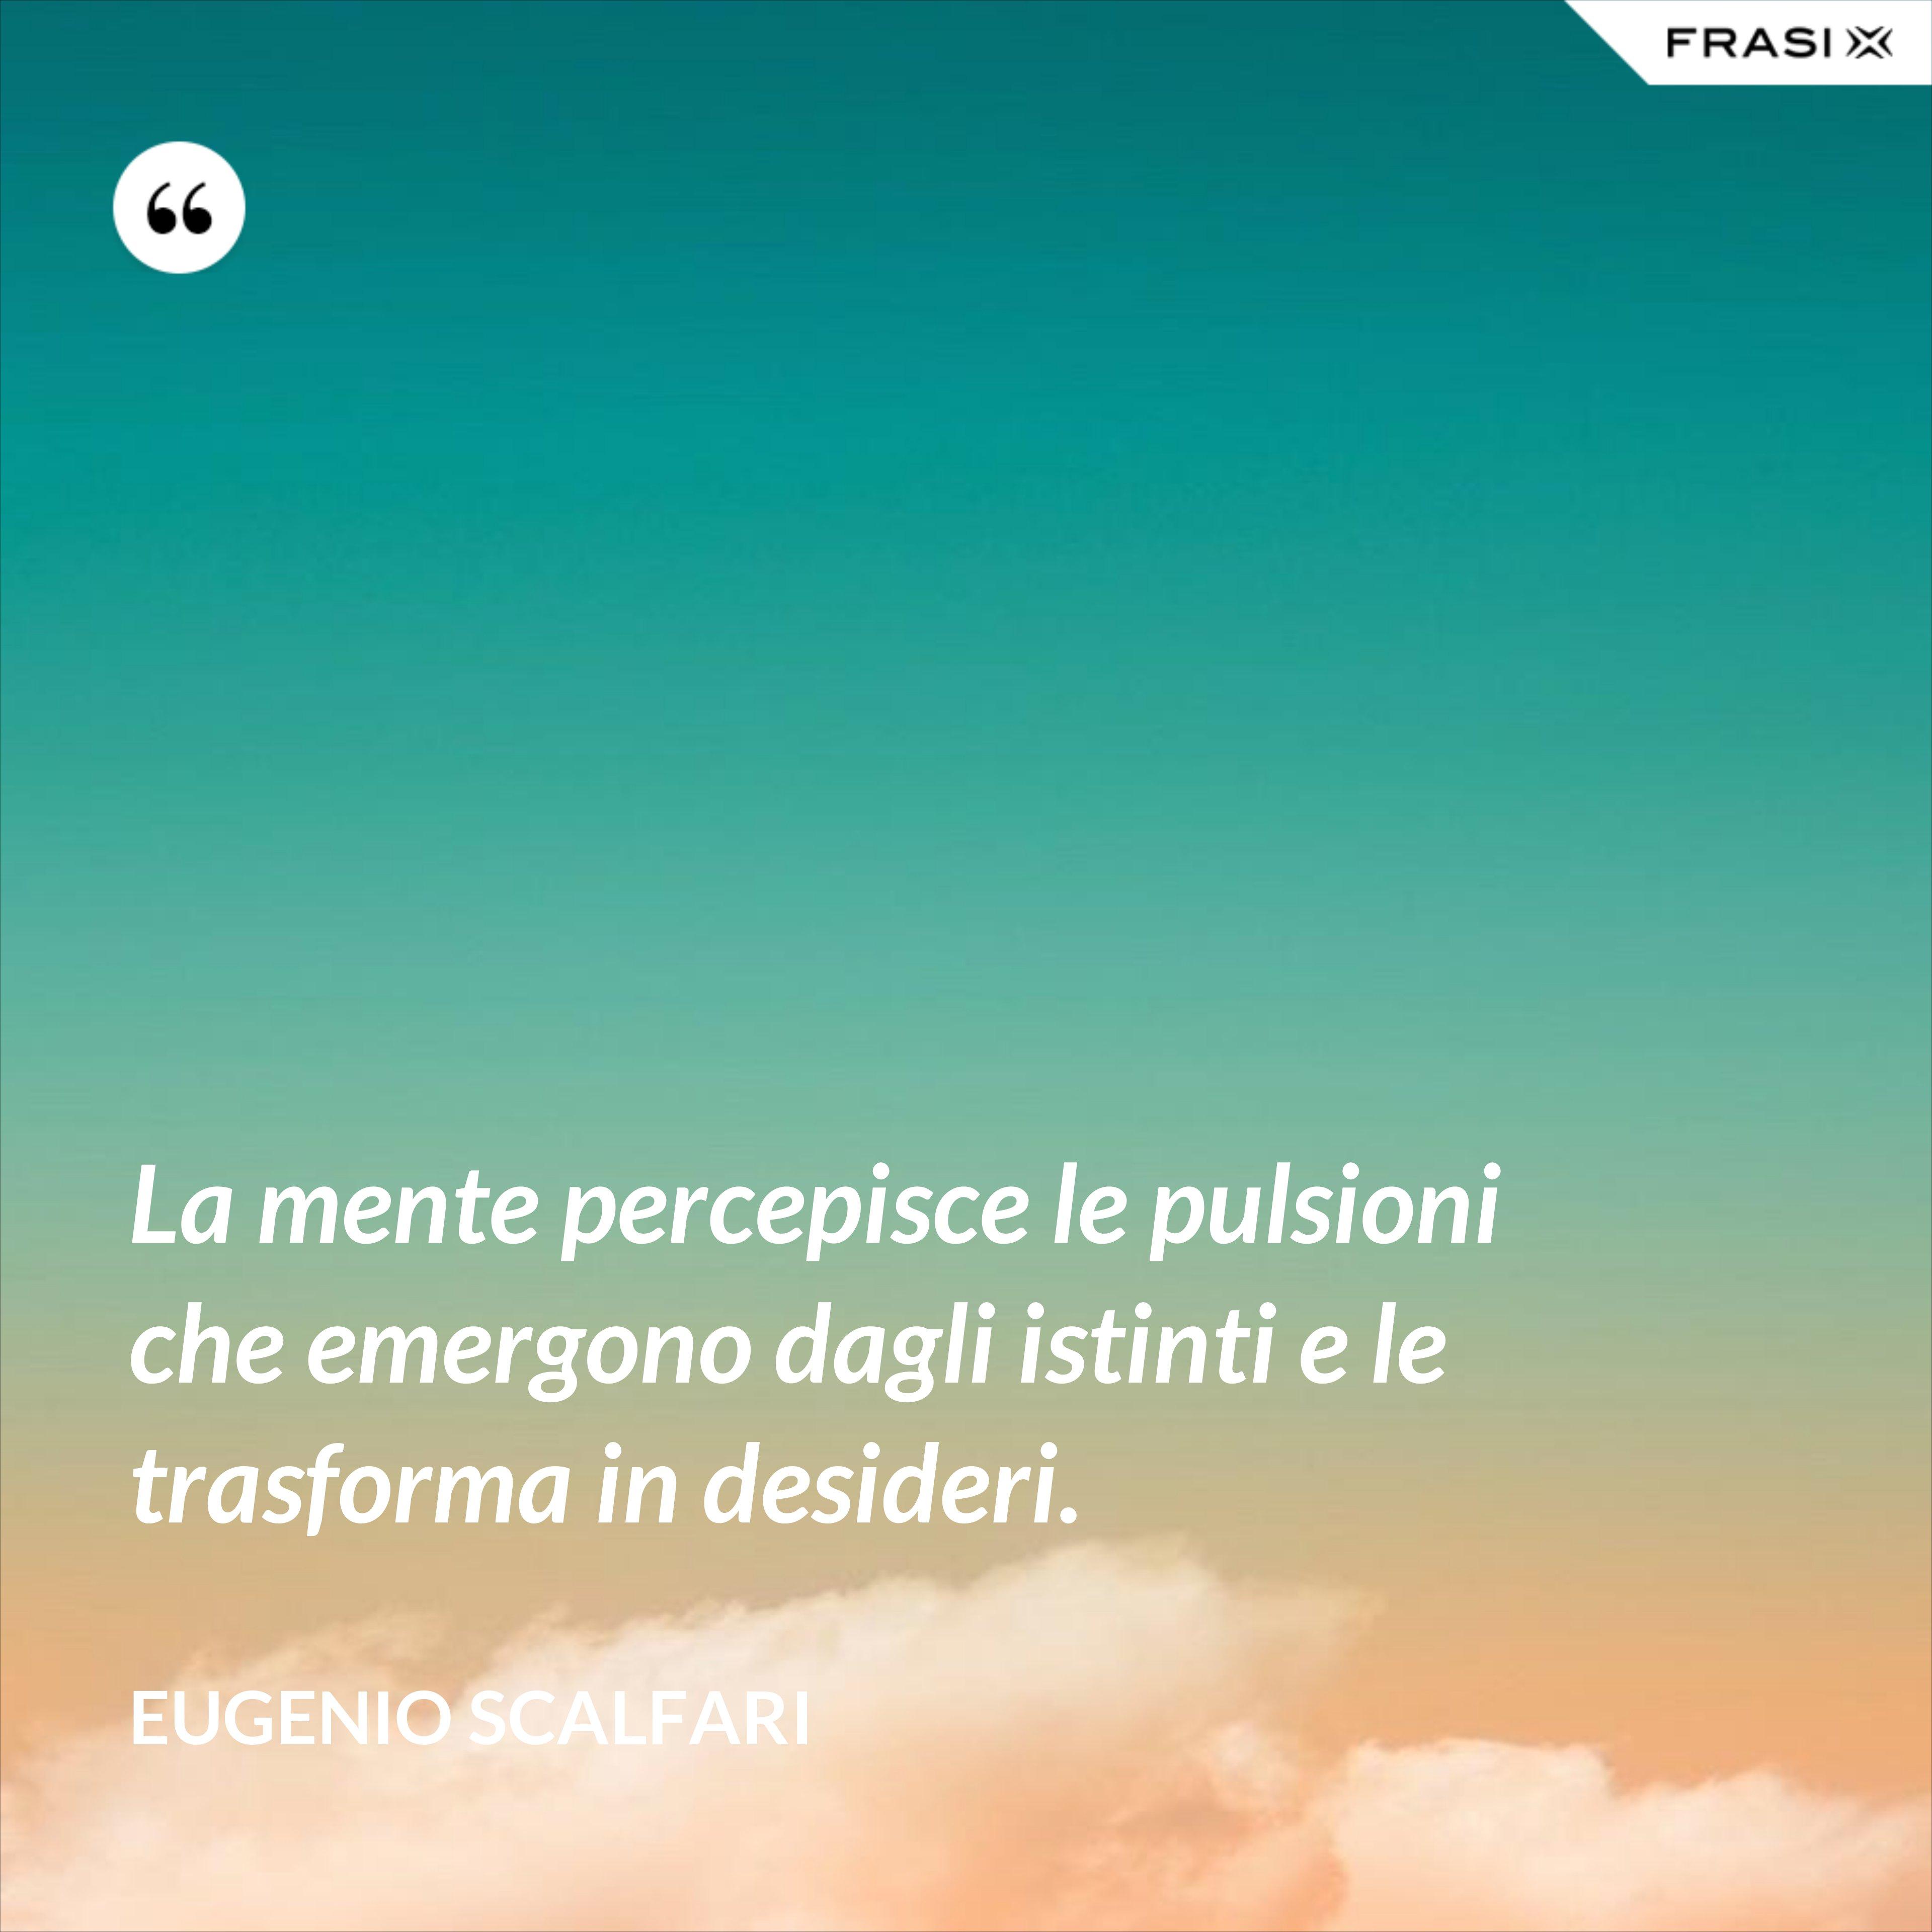 La mente percepisce le pulsioni che emergono dagli istinti e le trasforma in desideri. - Eugenio Scalfari